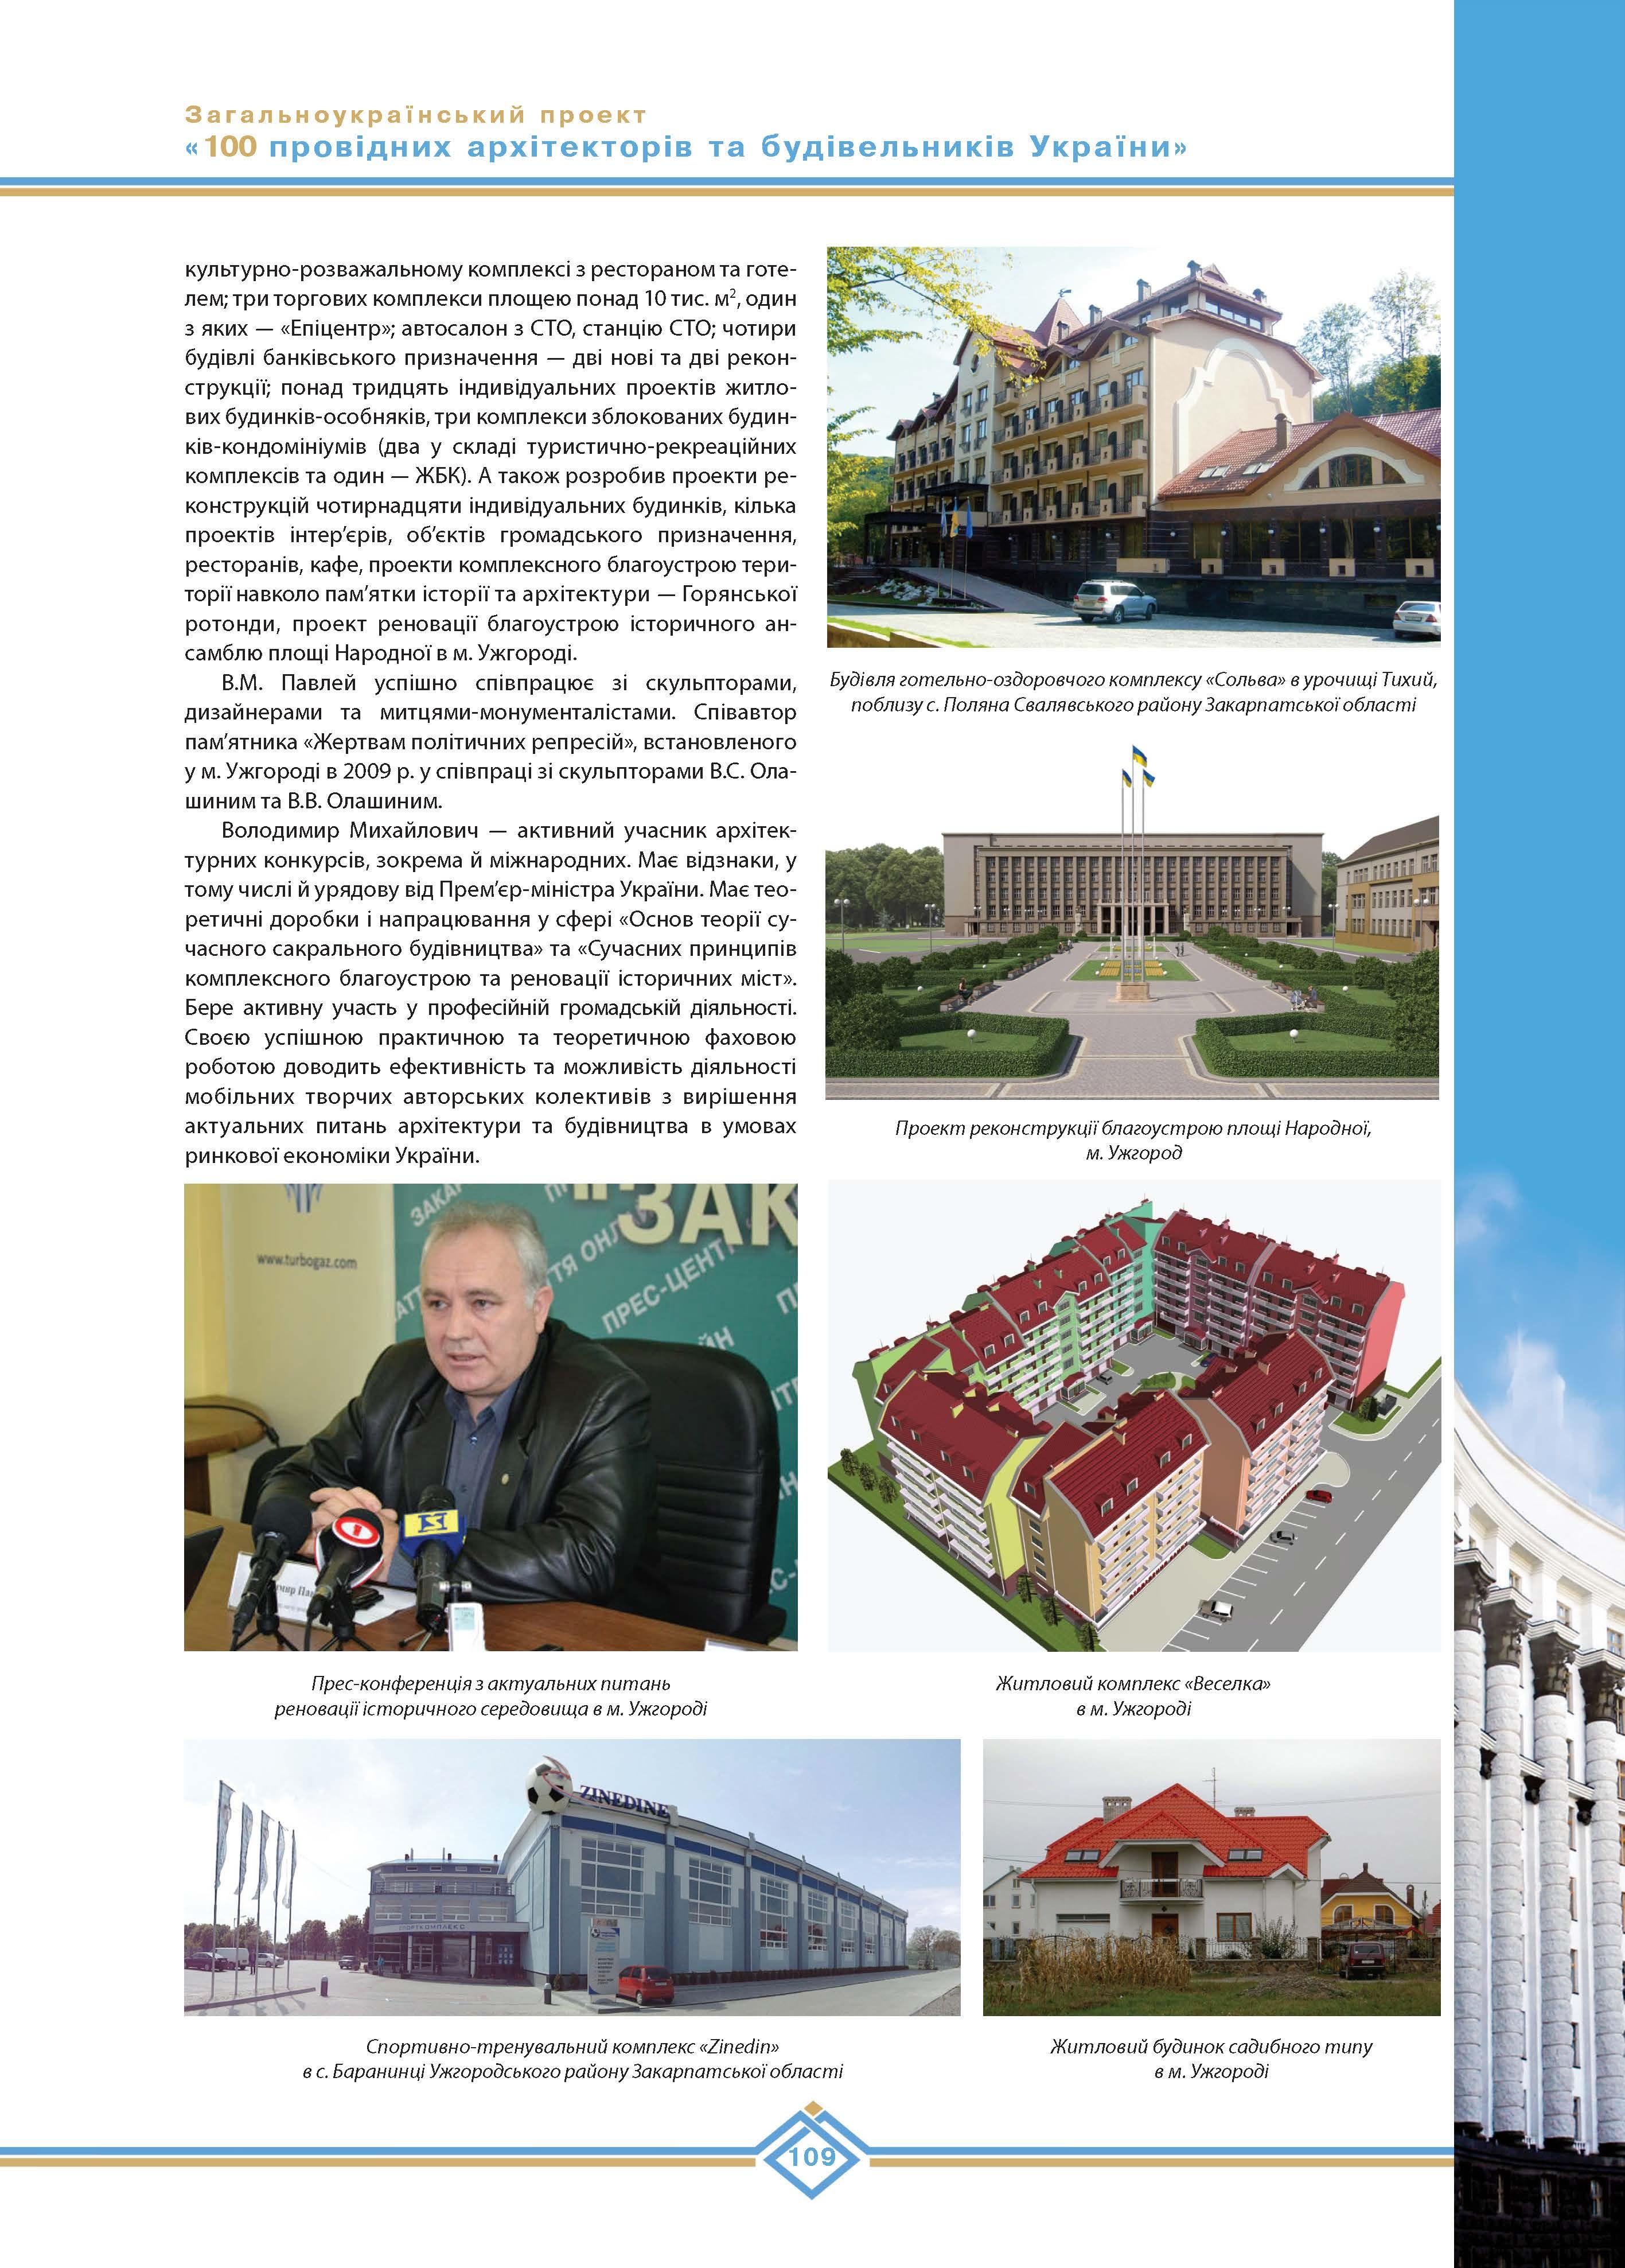 Павлей Володимир Михайлович